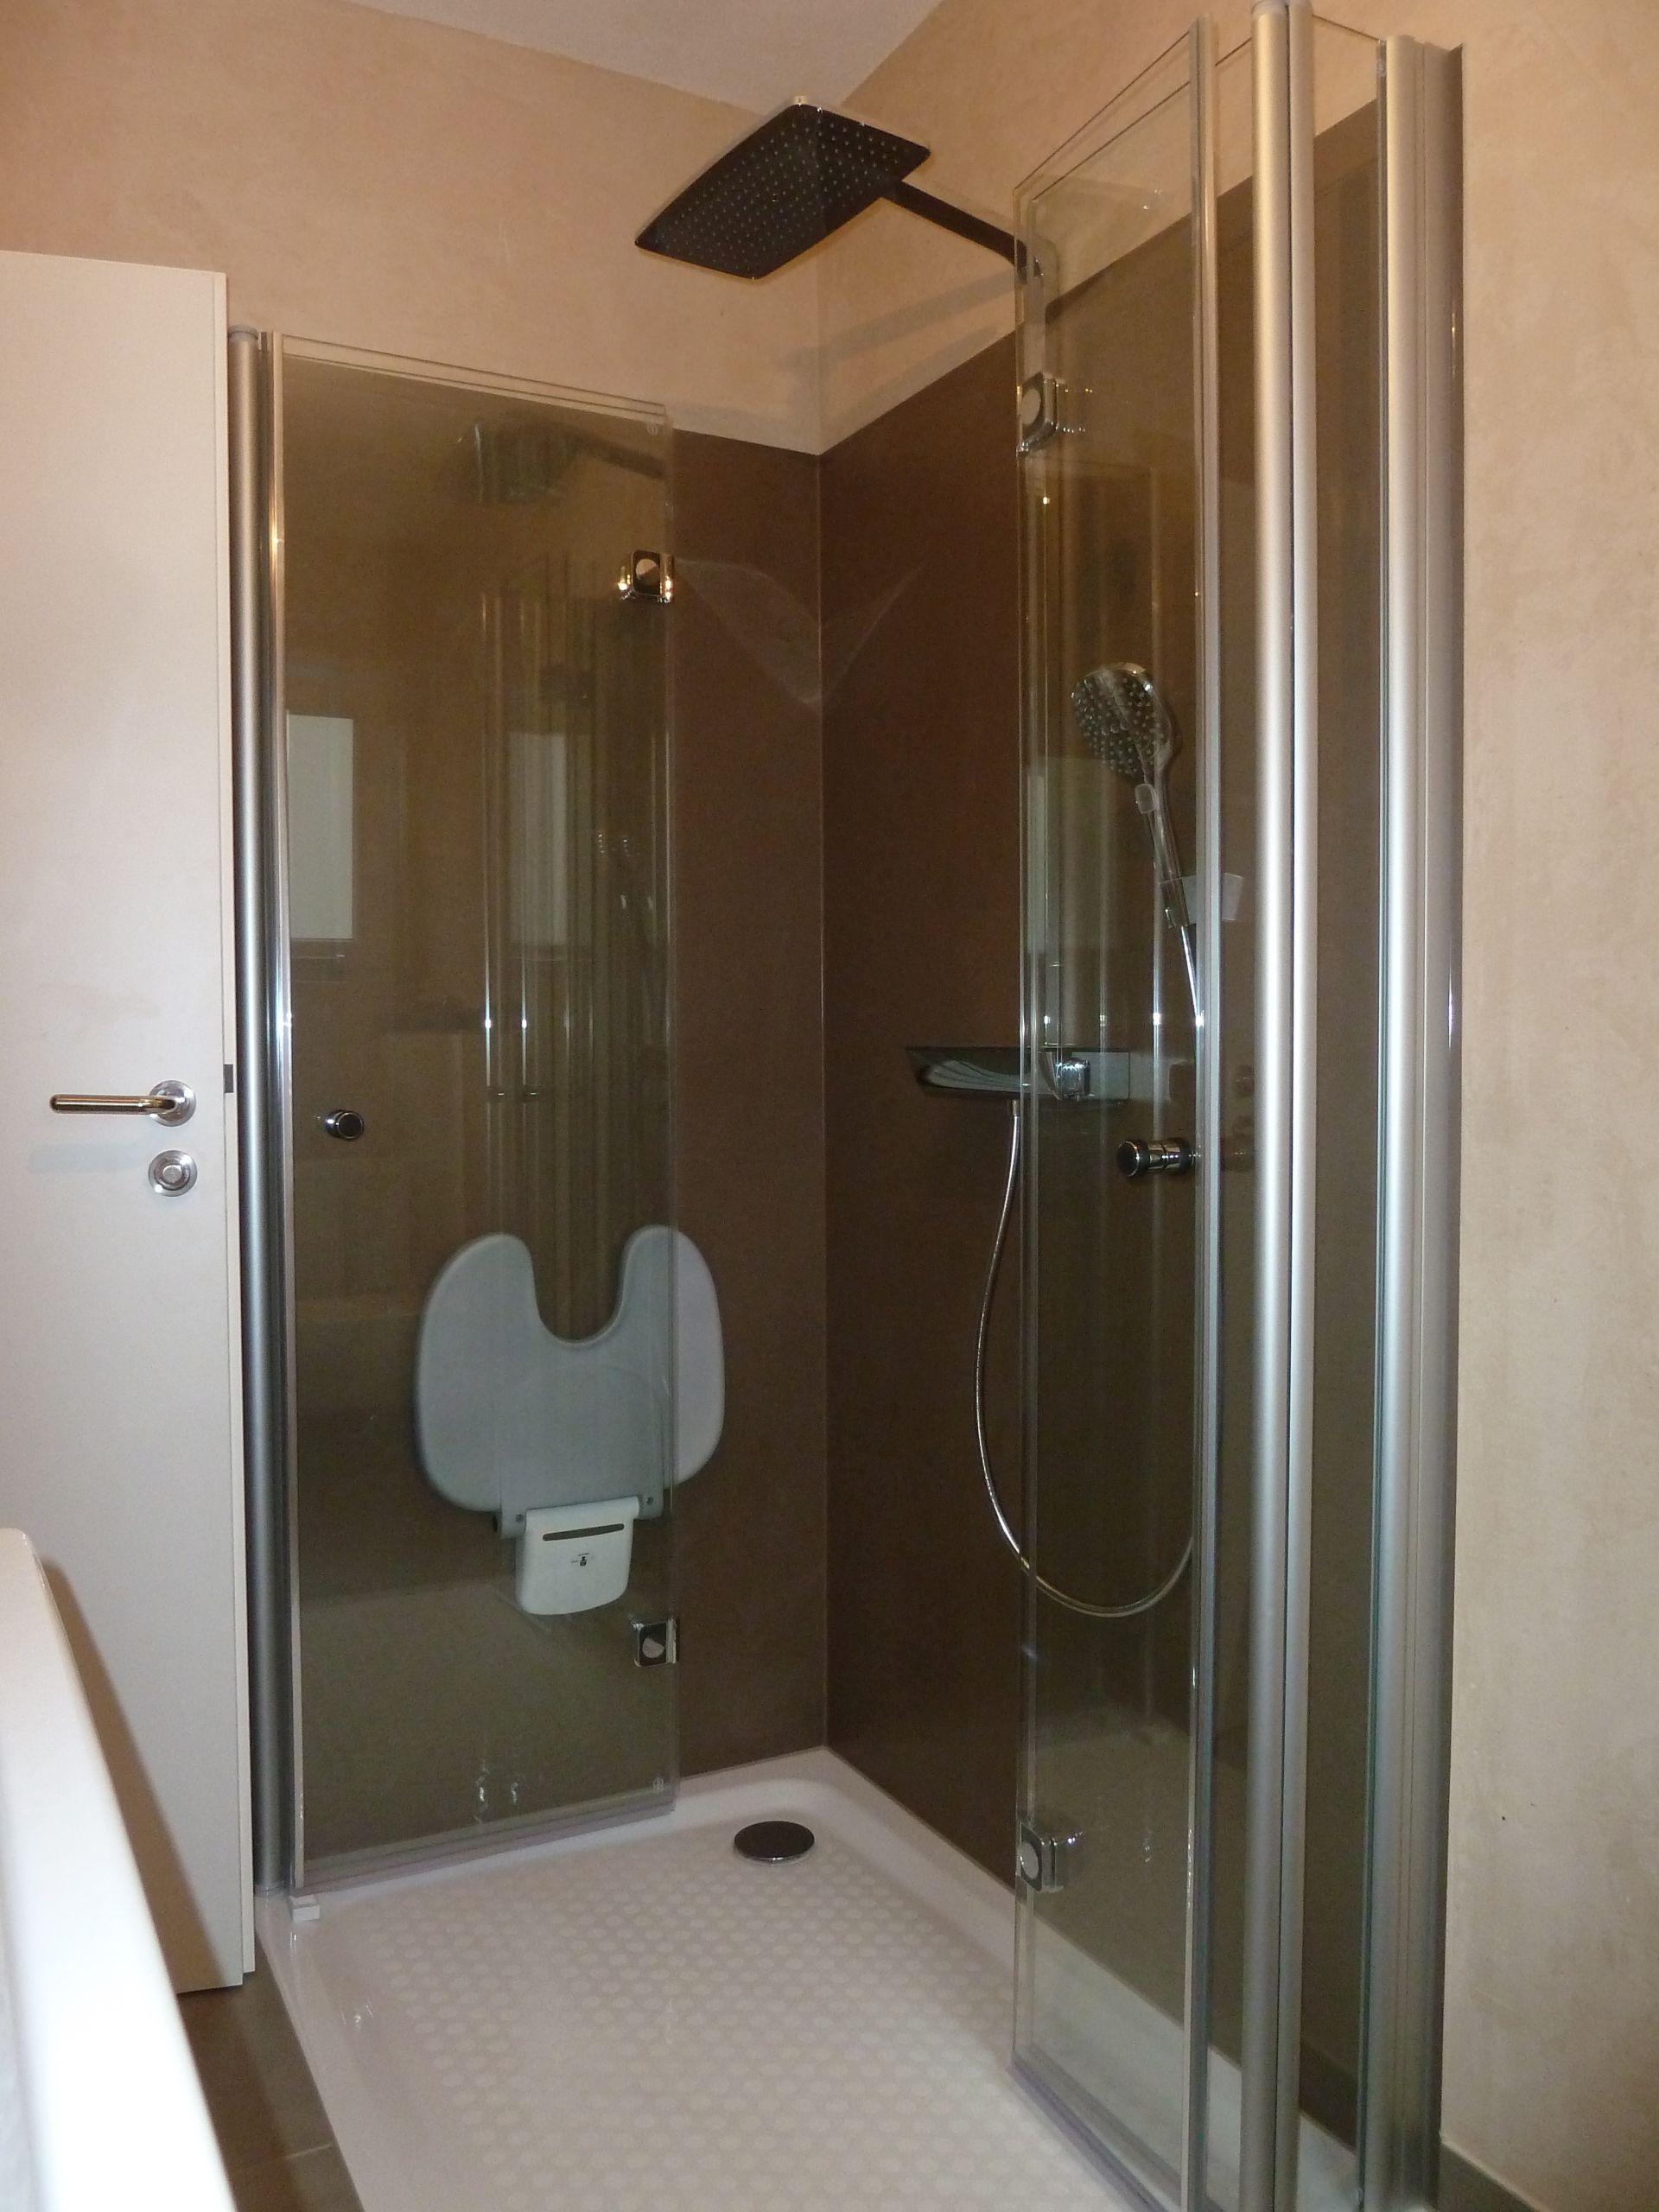 Perfekte Badsanierung mit Woglfühlhygiene | WILL Bad & Heizung Fulda